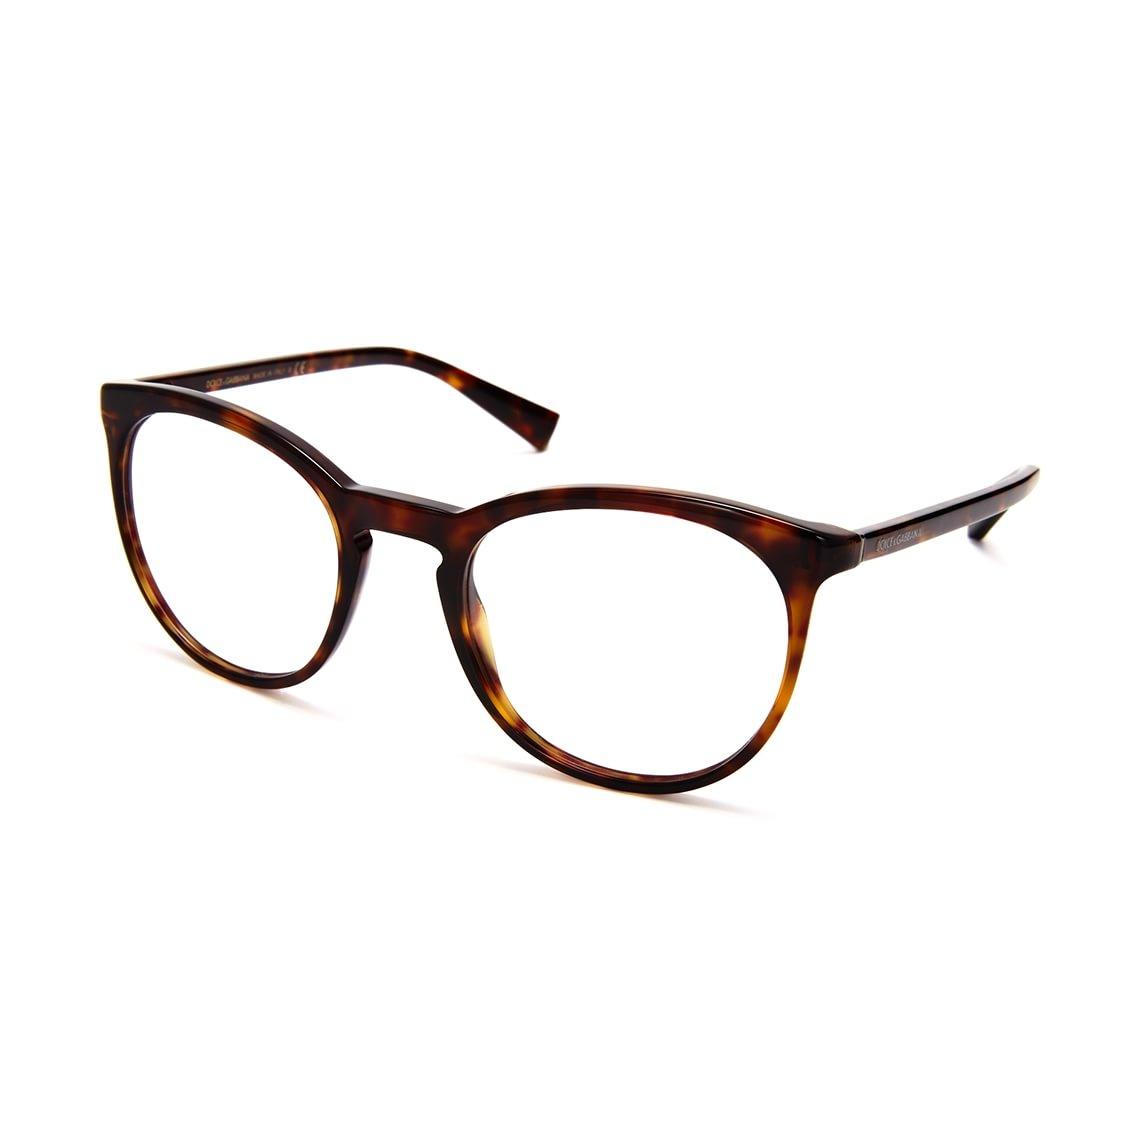 Dolce & Gabbana DG3269 502 51